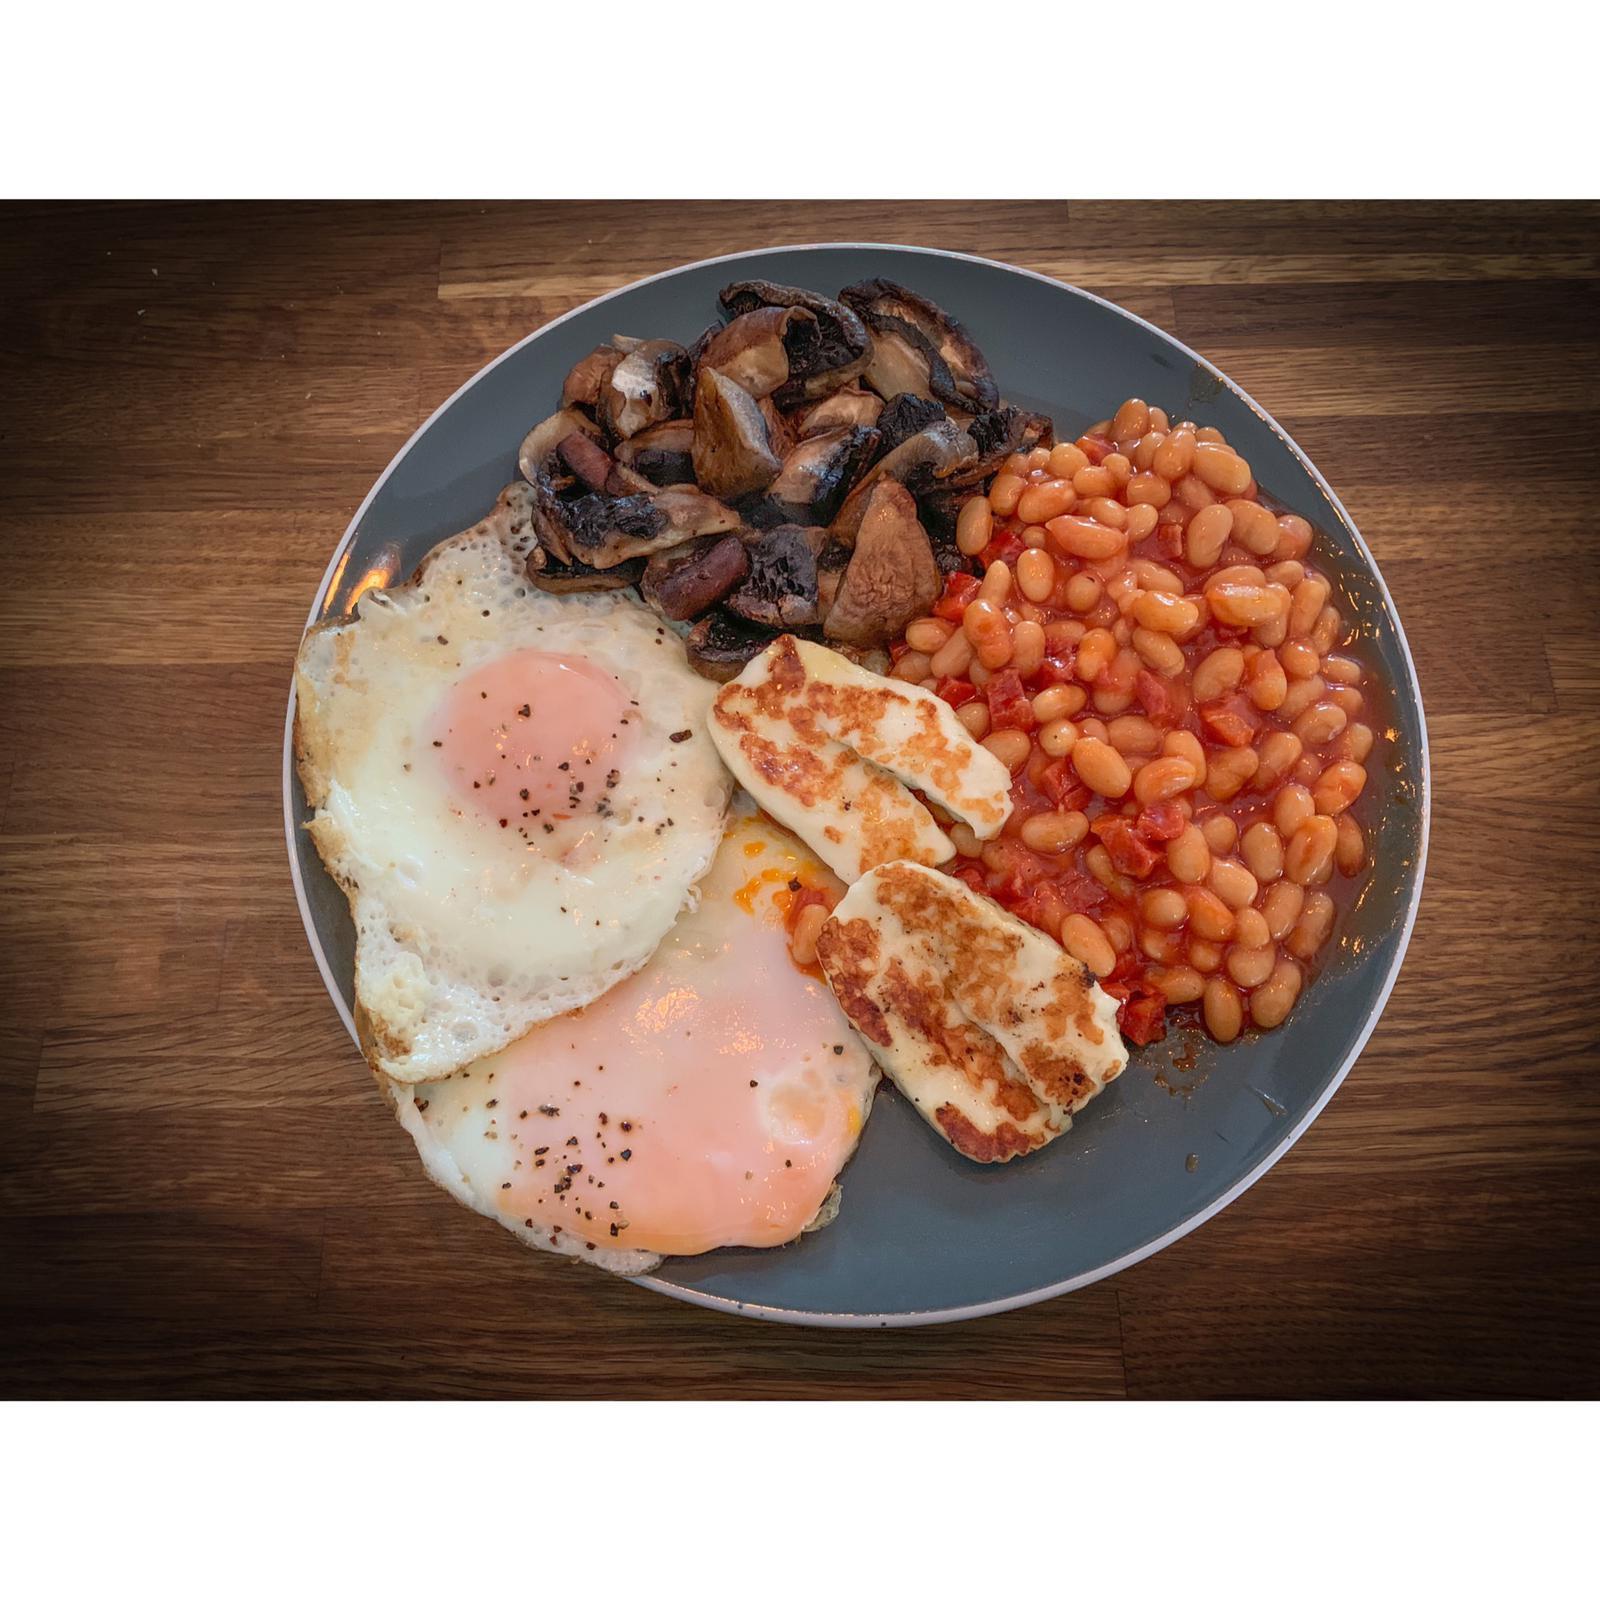 Shiny Breakfast Eating Ideas